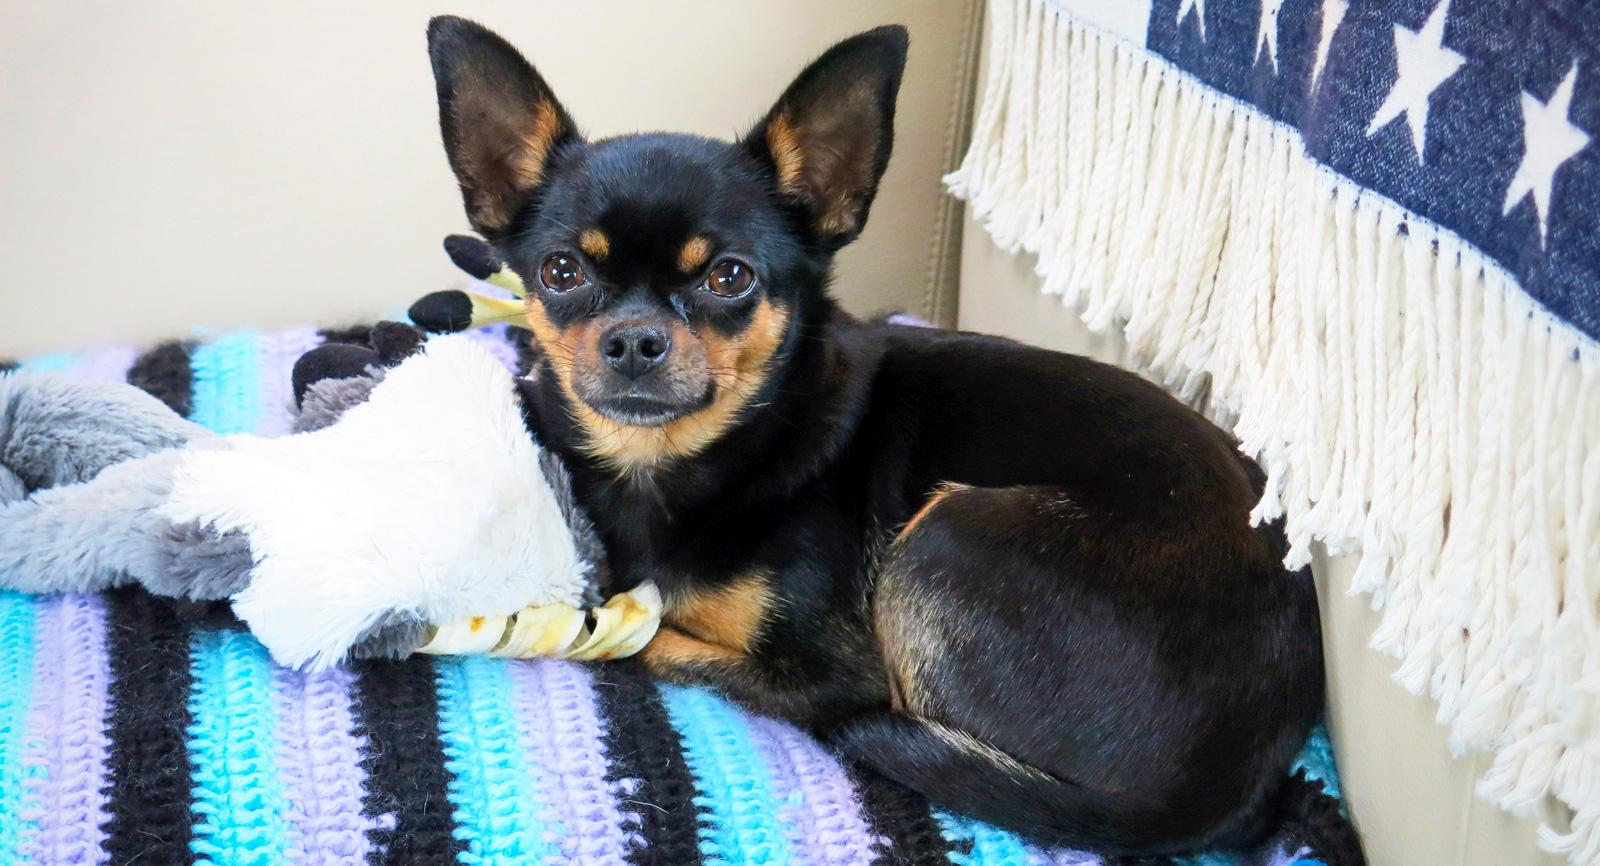 Vakthunden Chillie håller eventuella inkräktare borta från familjens gemensamma koja.